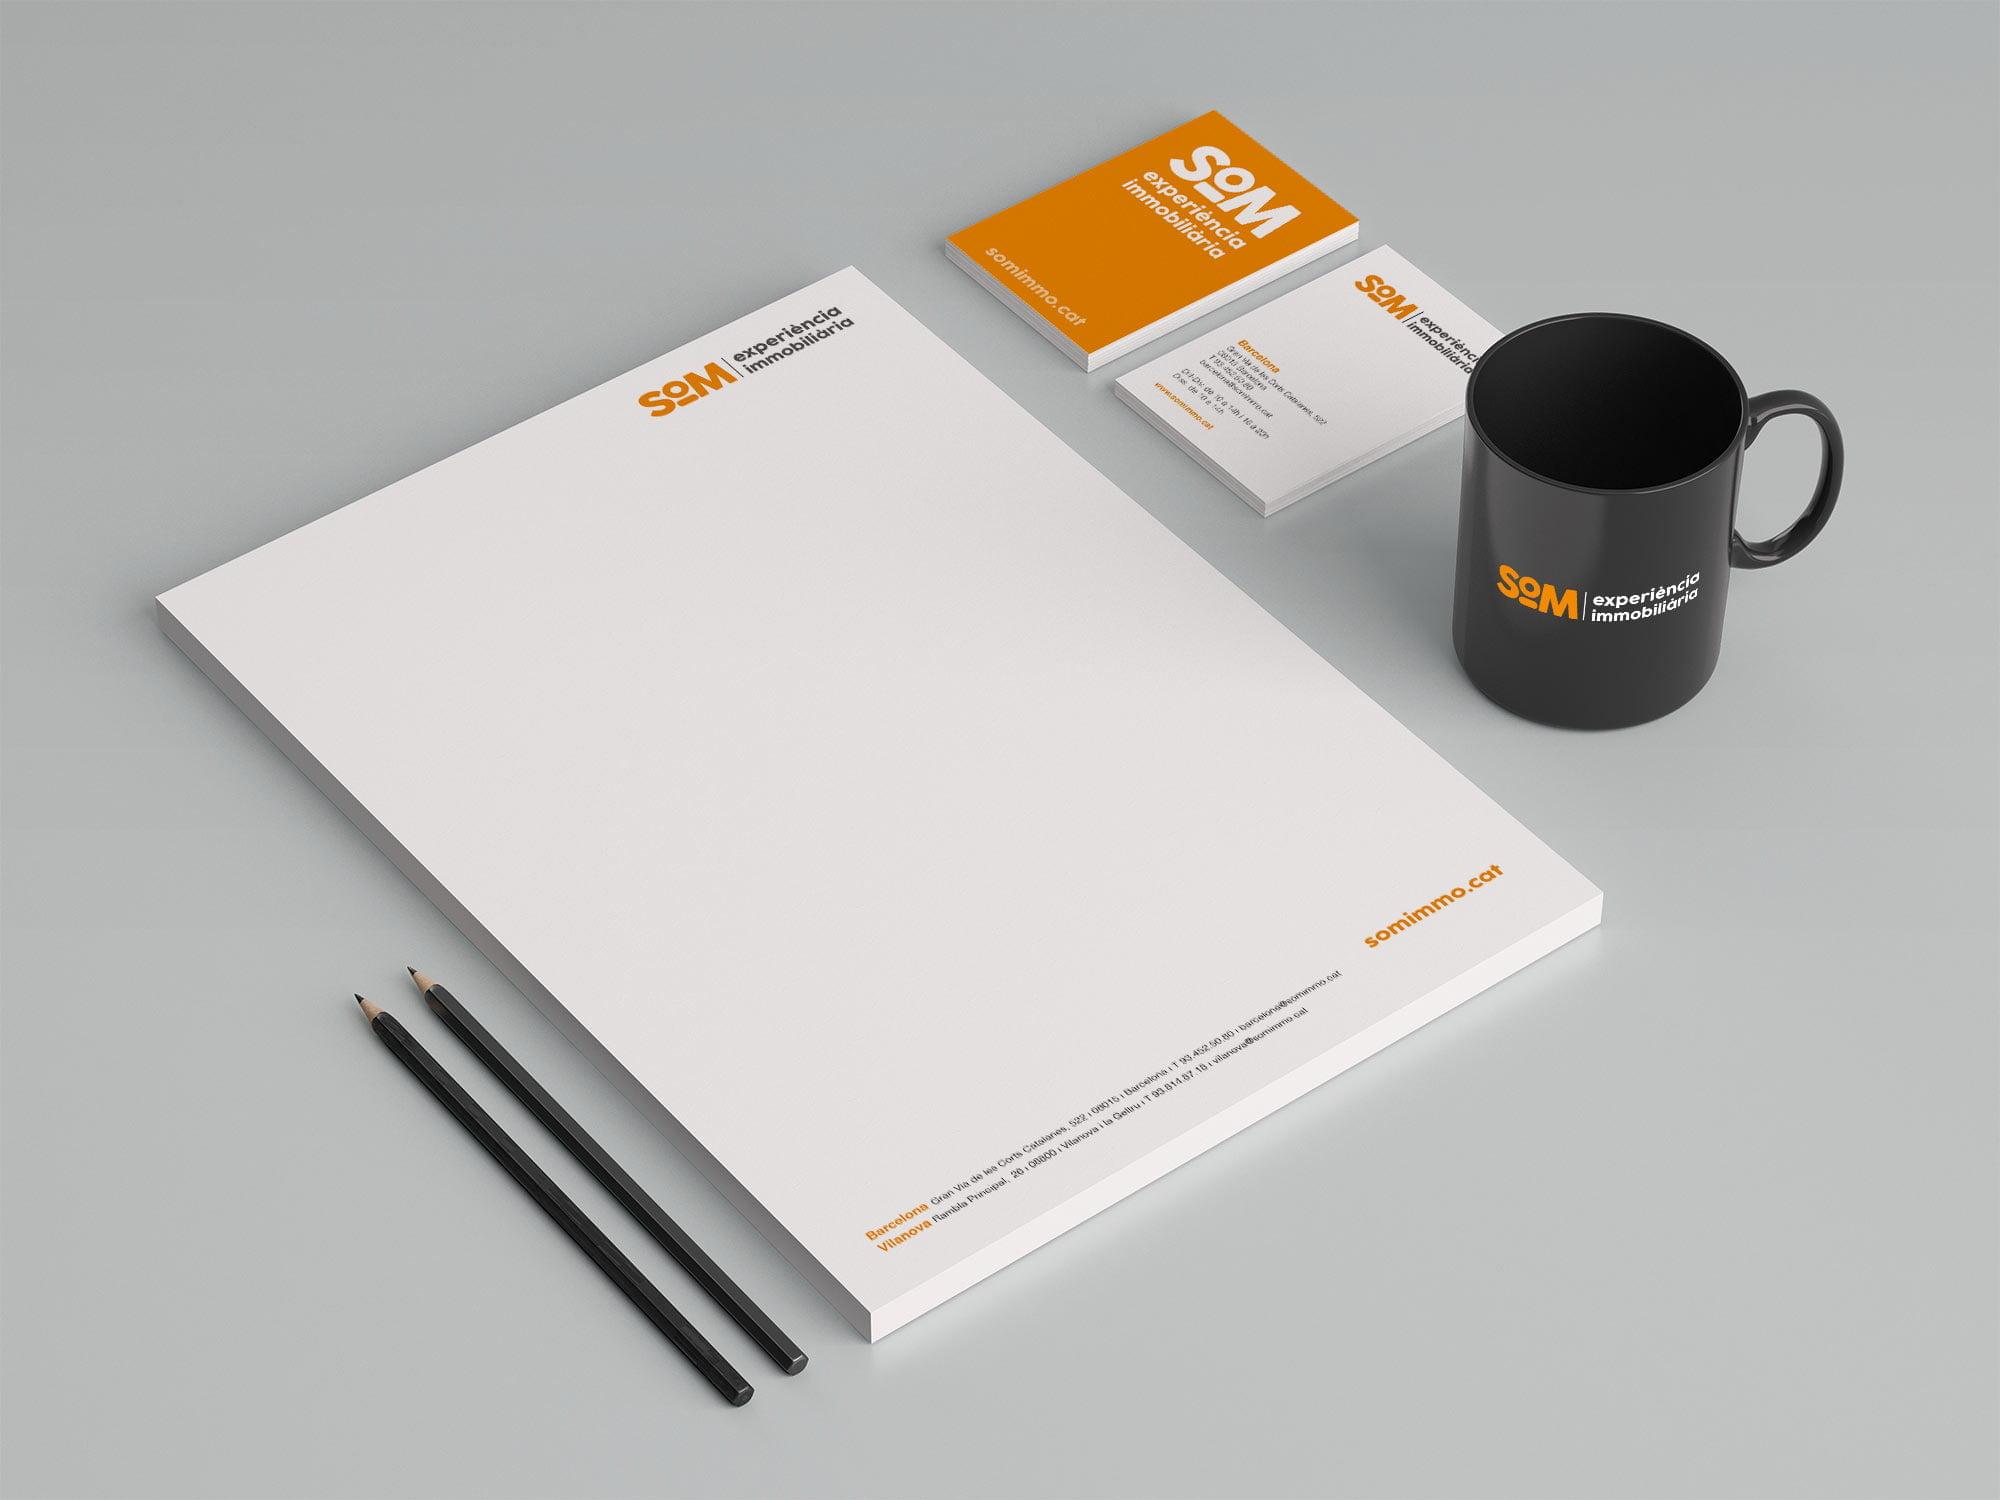 diseno branding estudio en barcelona SOM - Naming, branding, registre de marca, aplicacions de marca…